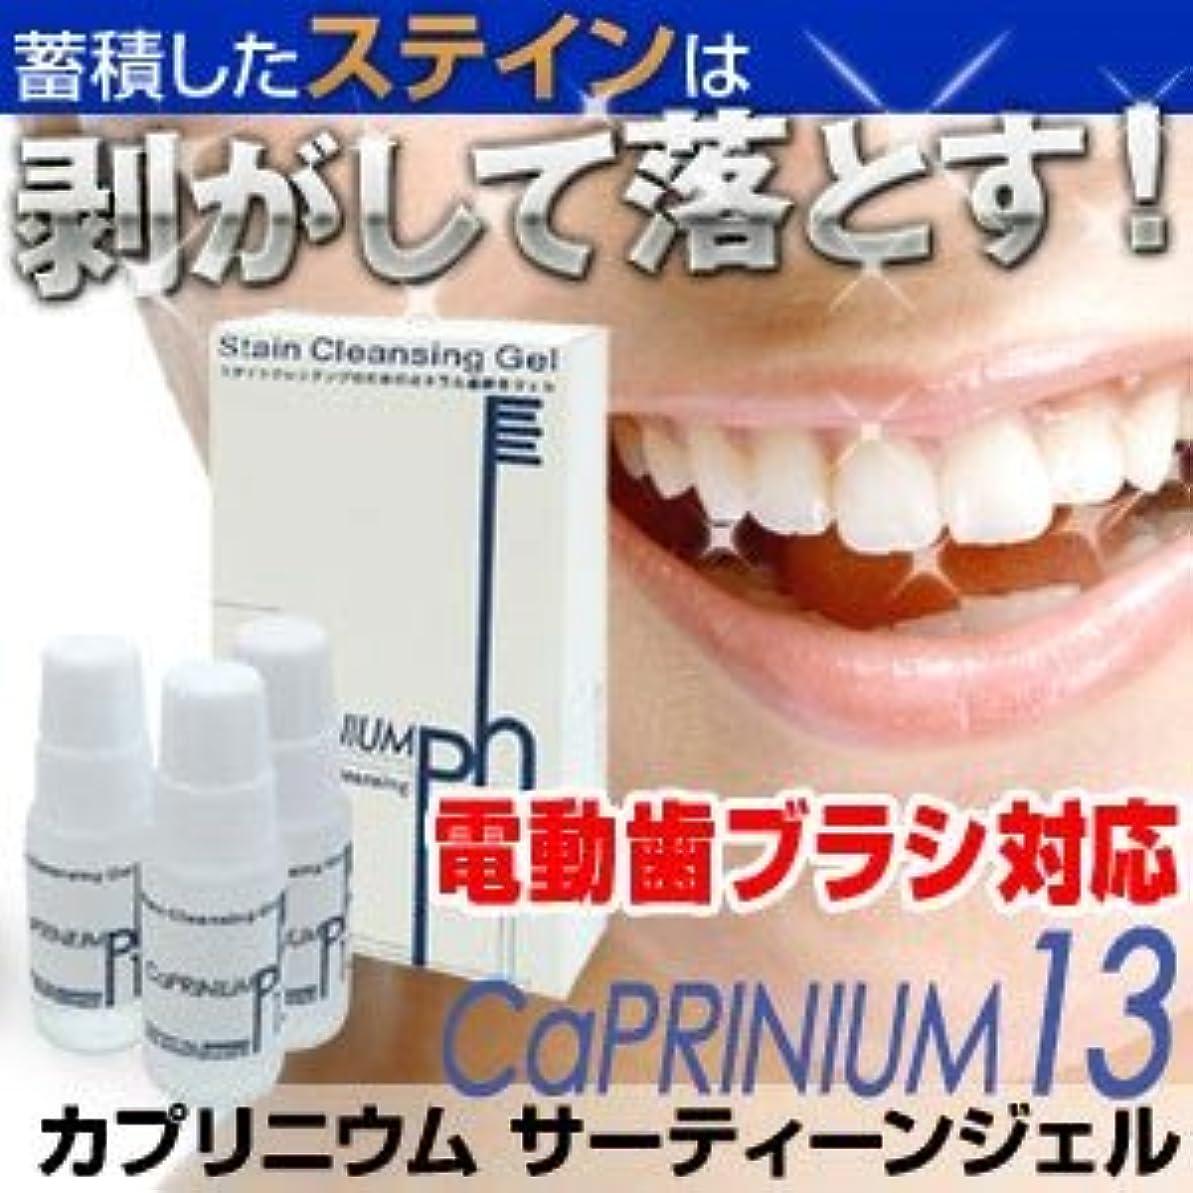 故意にマウス略語カプリニウム サーティーンジェル(CaPRINIUM 13) 新発想のホワイトニング歯磨きジェル